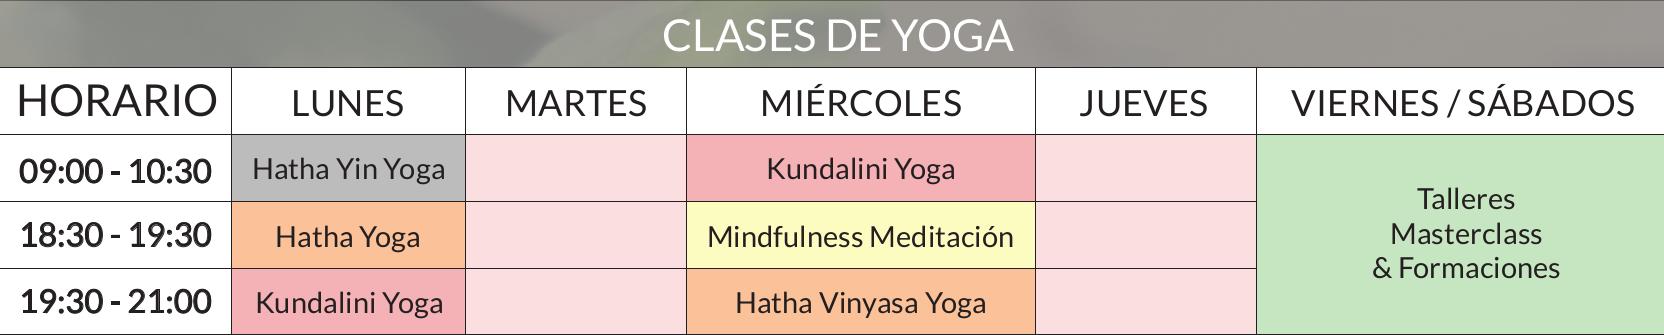 Horarios de las clases de yoga en Vejer de la Frontera